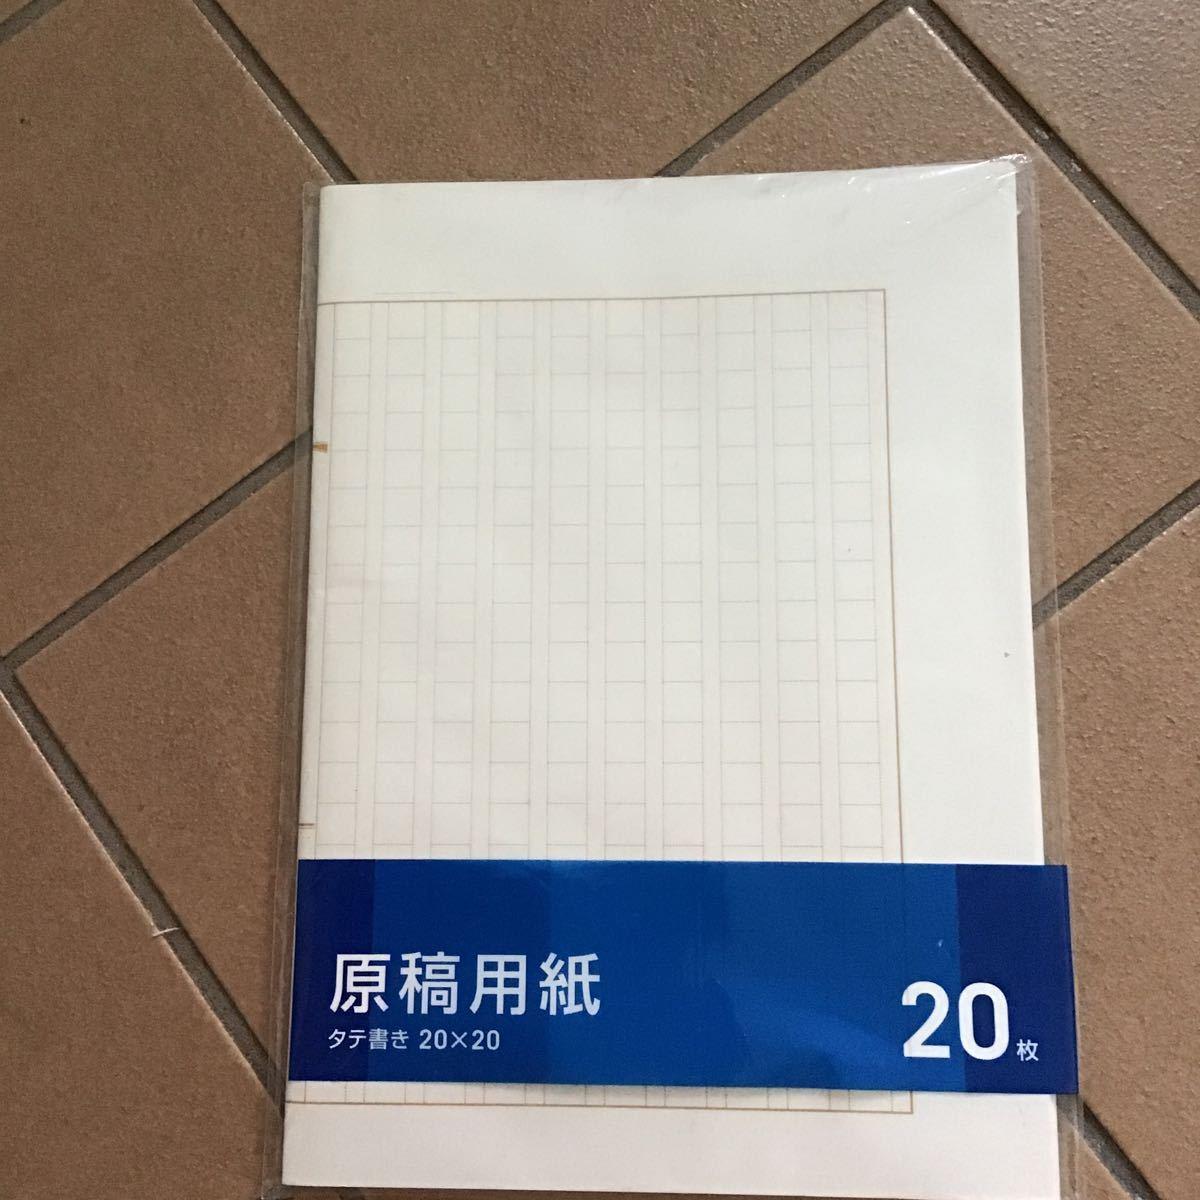 原稿用紙20枚セット♪定形外210円♪コクヨ製♪未開封新品♪20×20♪安心の日本製_画像1